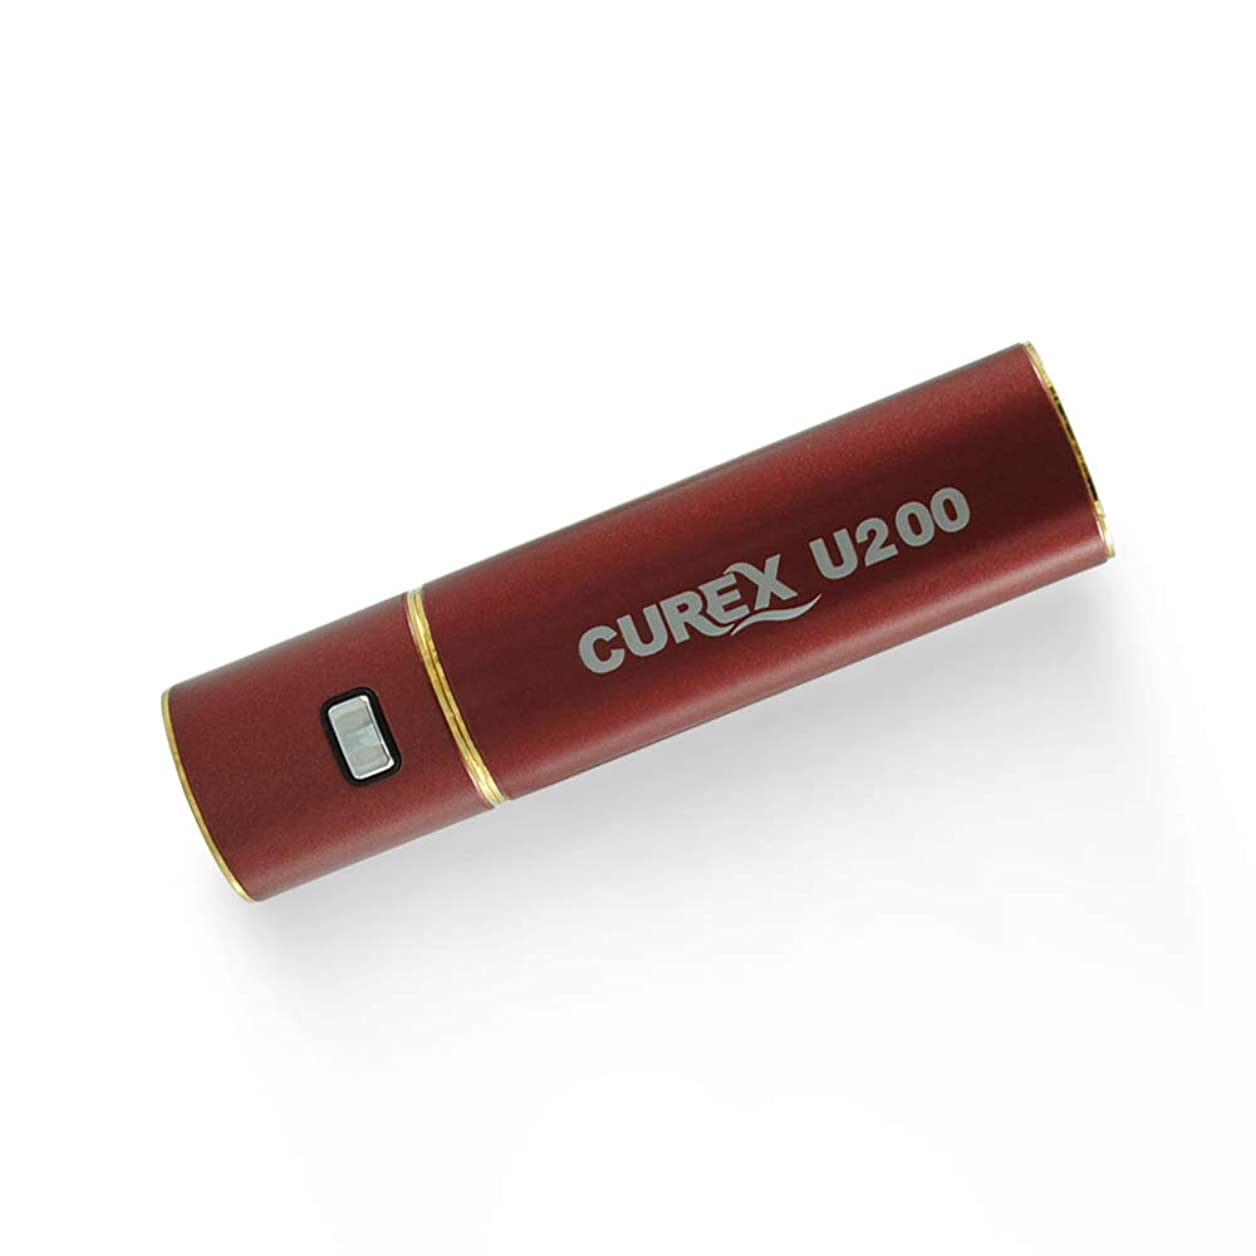 肥満ボウルテザーRisen ミニネイルドライヤー UVライト ネイルライト 高速硬化 携帯便利 電池式 ジェル レジン 手足とも使える 6ヶ月保証 日本語説明書付属 (レッド)